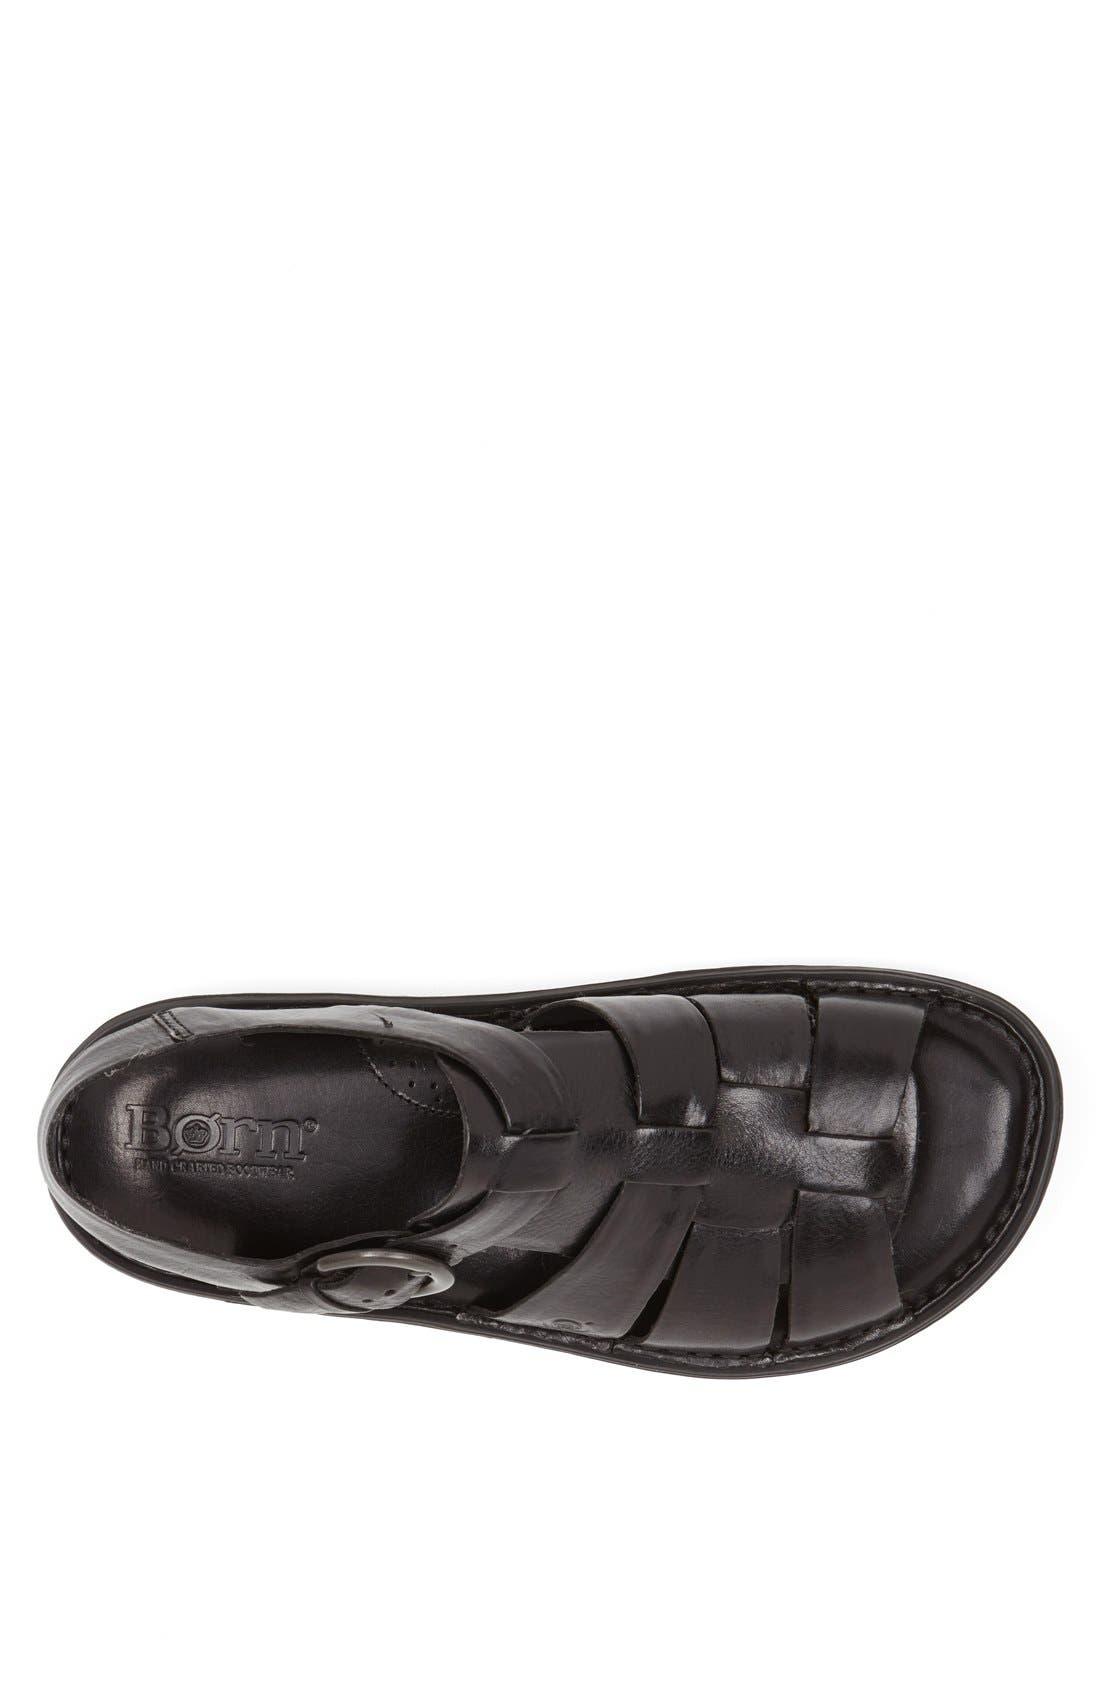 Alternate Image 3  - Børn 'Chamberlain' Sandal   (Men)